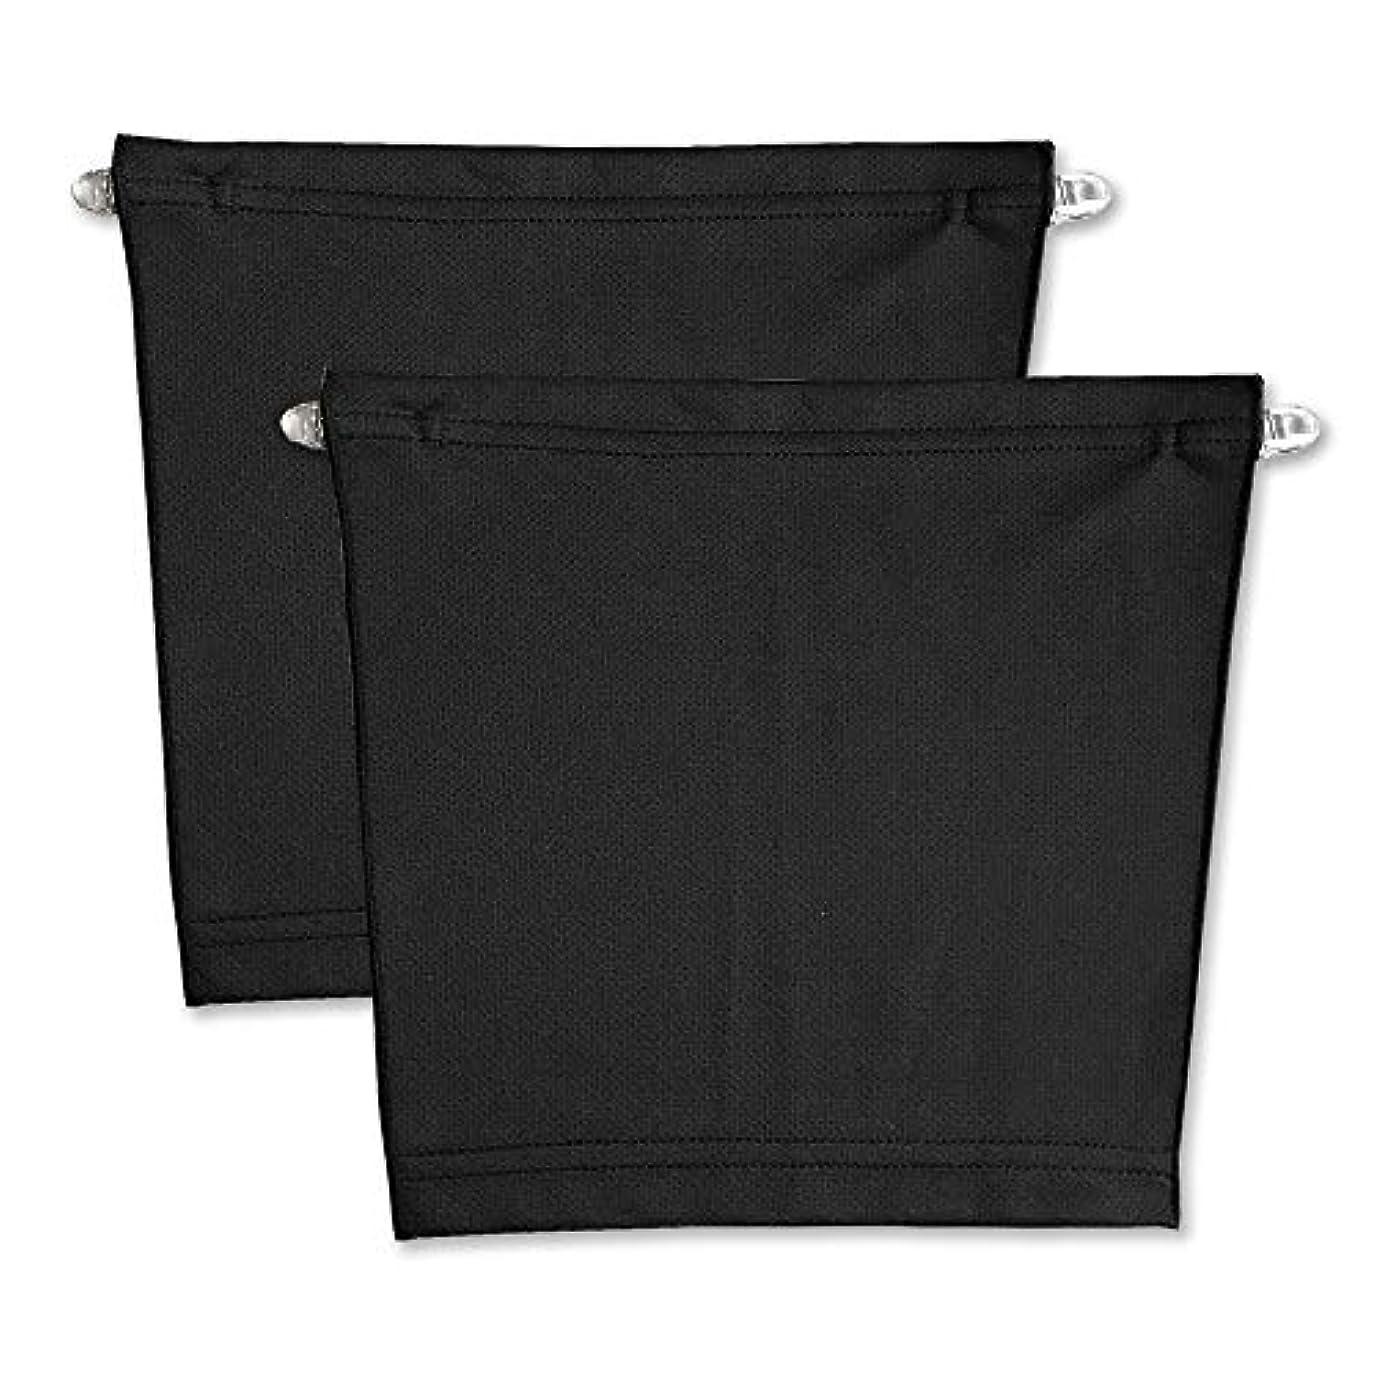 振幅ロッジ従来のフロントキャミ (2枚組) 胸元隠し UVカット (黒 & 黒)